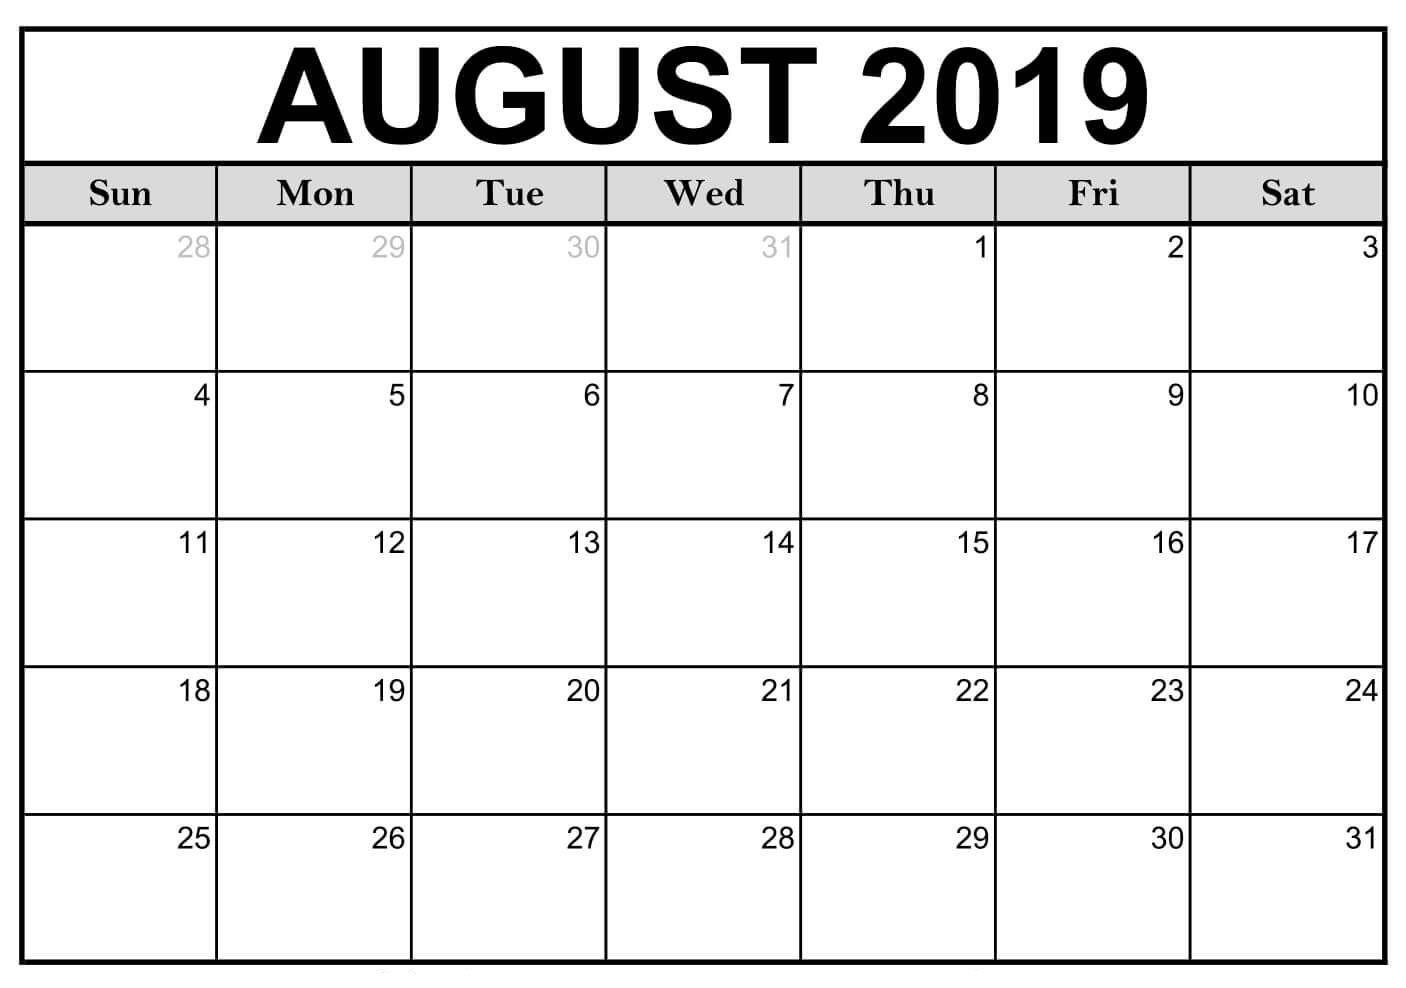 Blank August 2019 Calendar Printable #editable #templates-A Blank Page Of 31 Days Of A Calendar